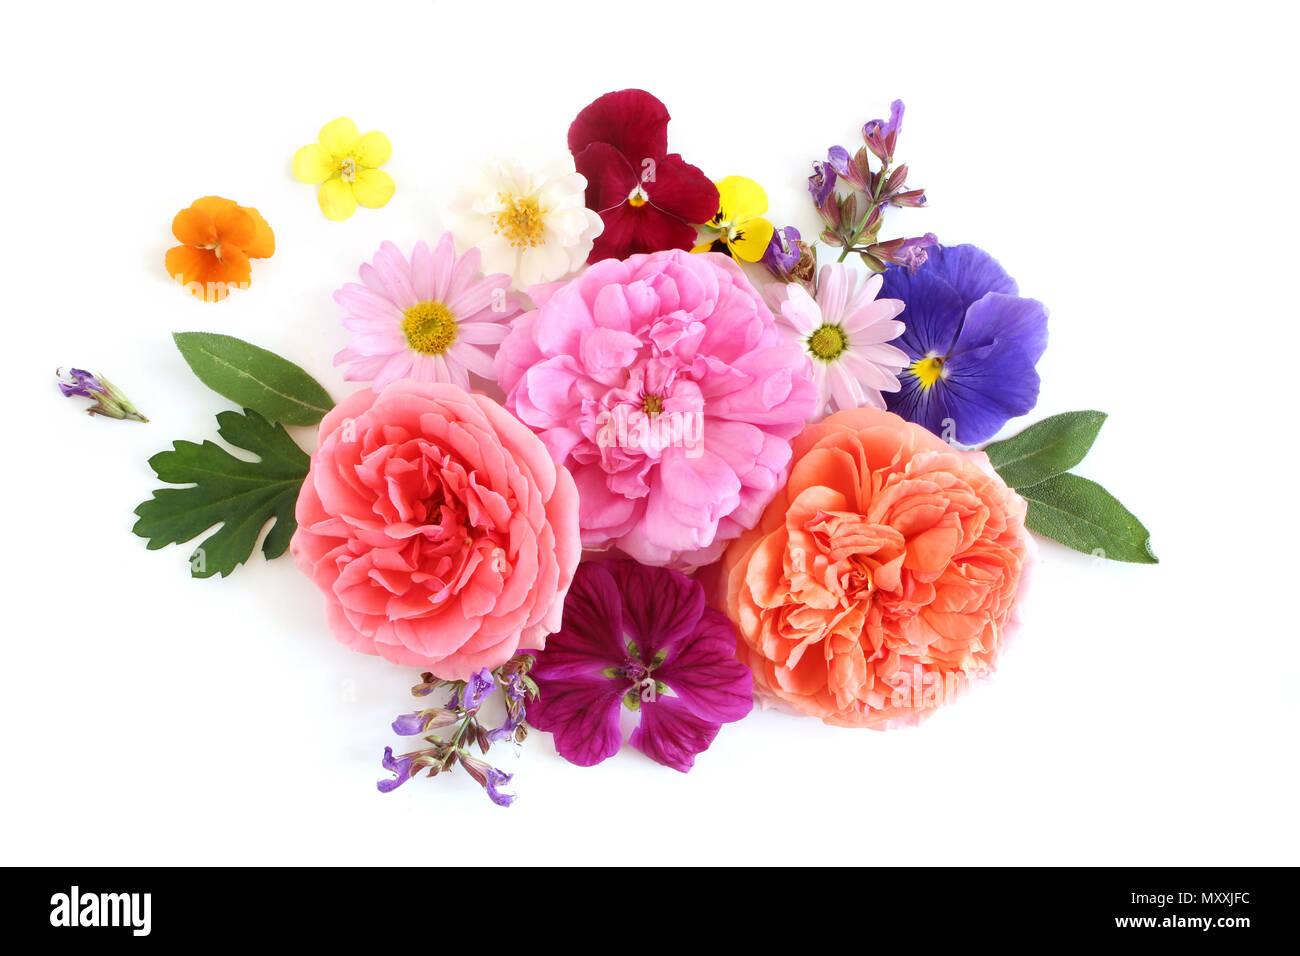 composition florale féminine. bouquet de fleurs sauvages comestibles